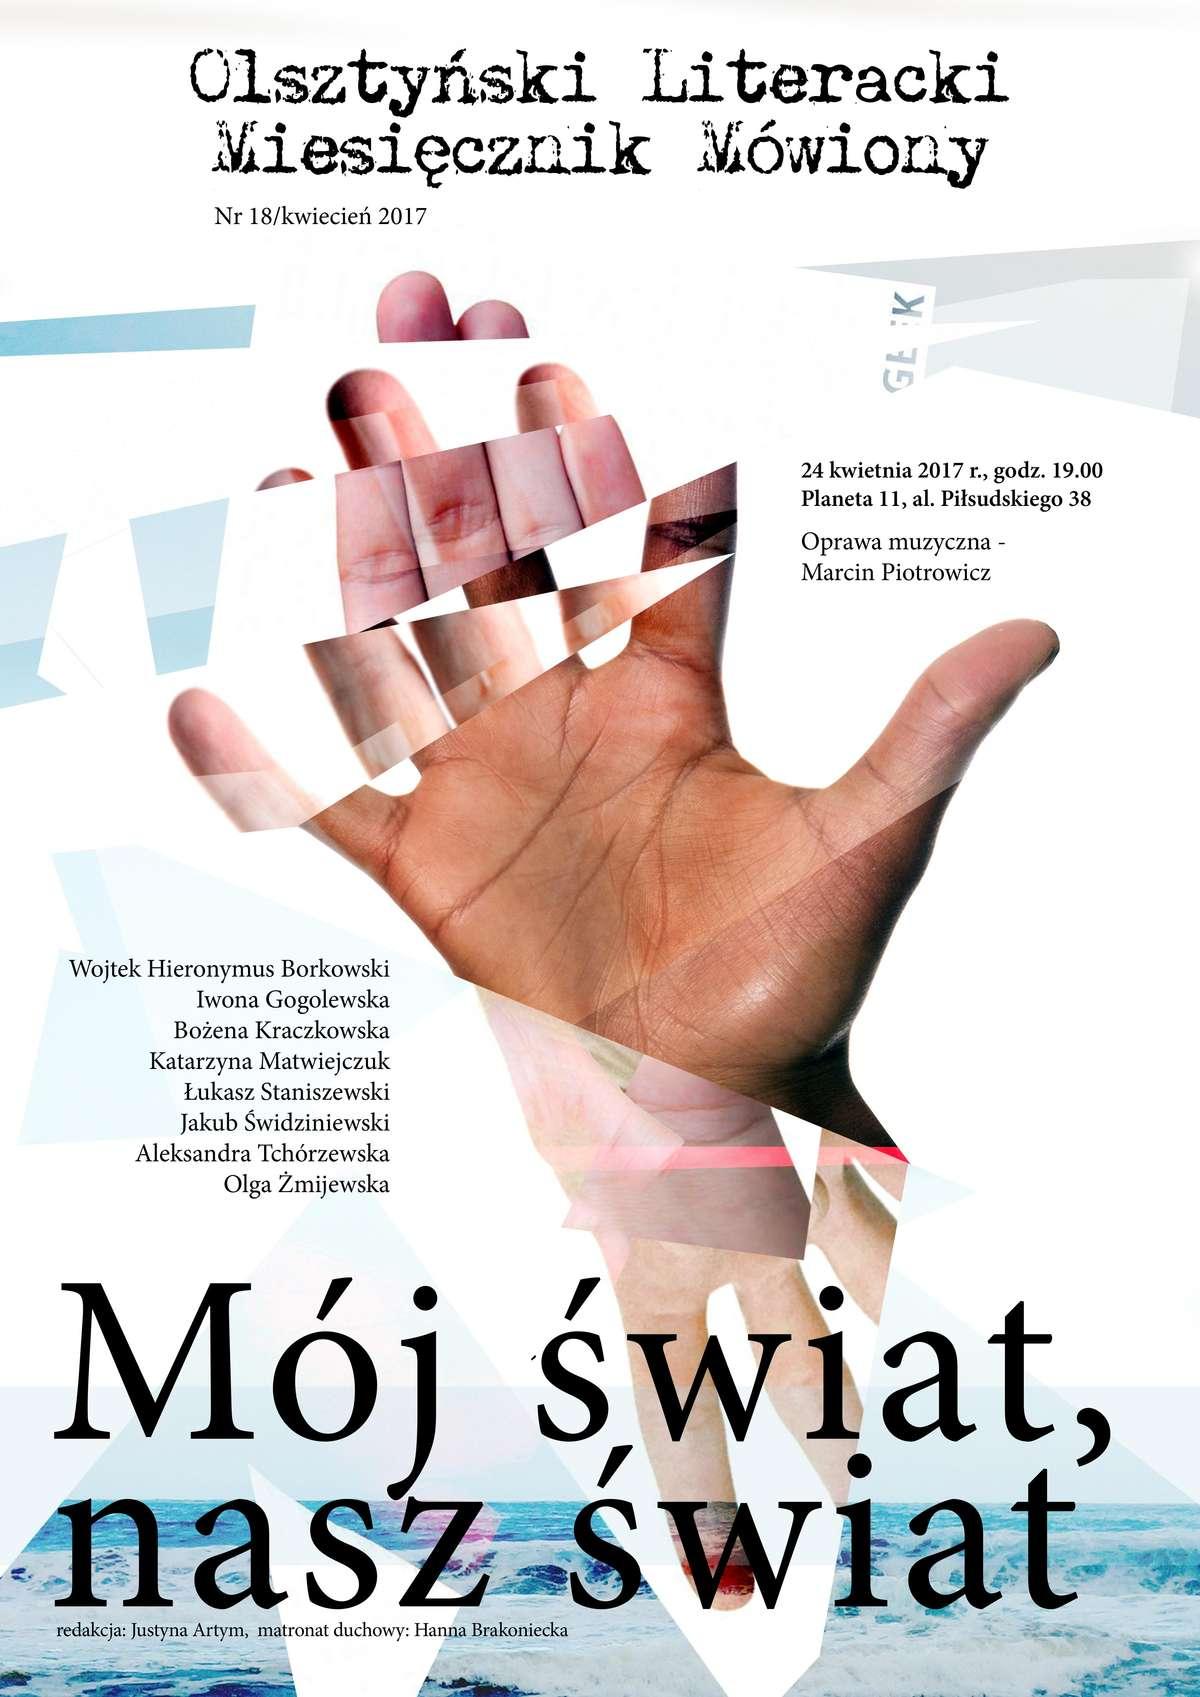 Olsztyński Literacki Miesięcznik Mówiony w Planecie 11 - full image